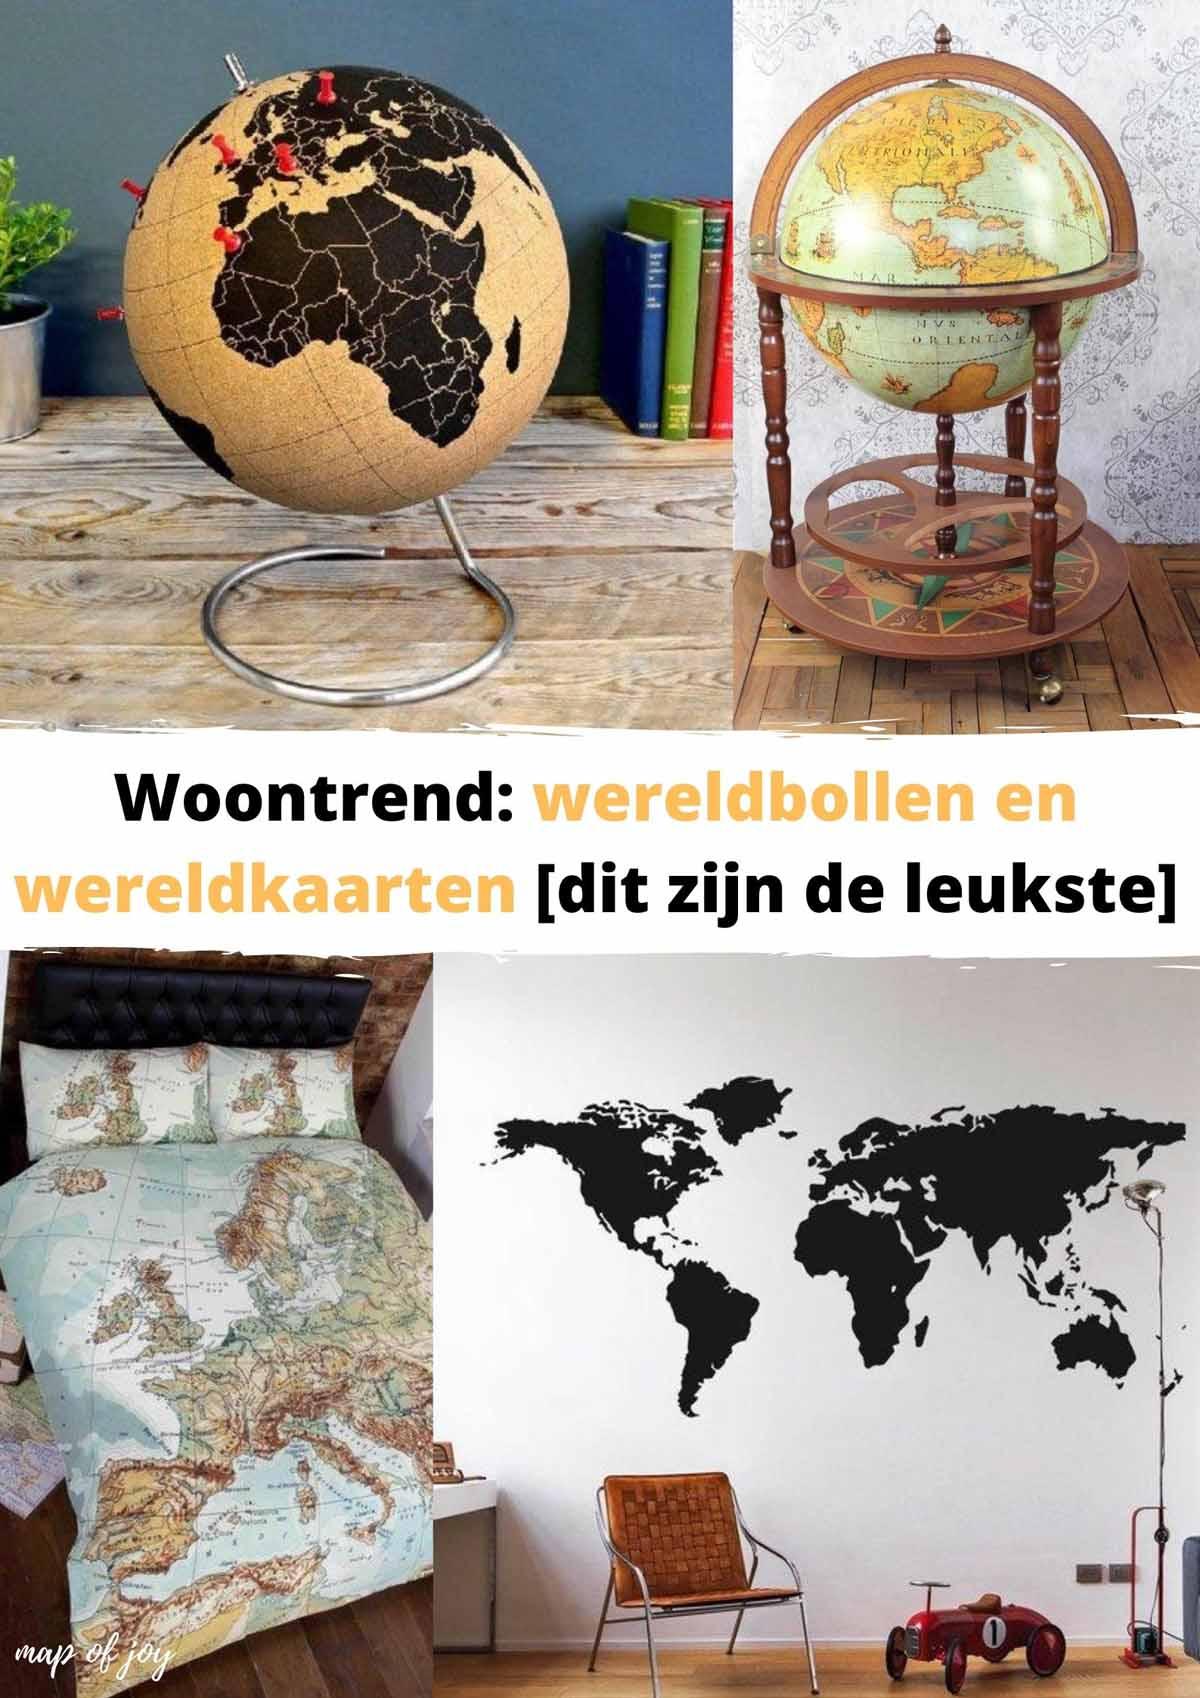 Woontrend: wereldbollen en wereldkaarten [dit zijn de leukste]